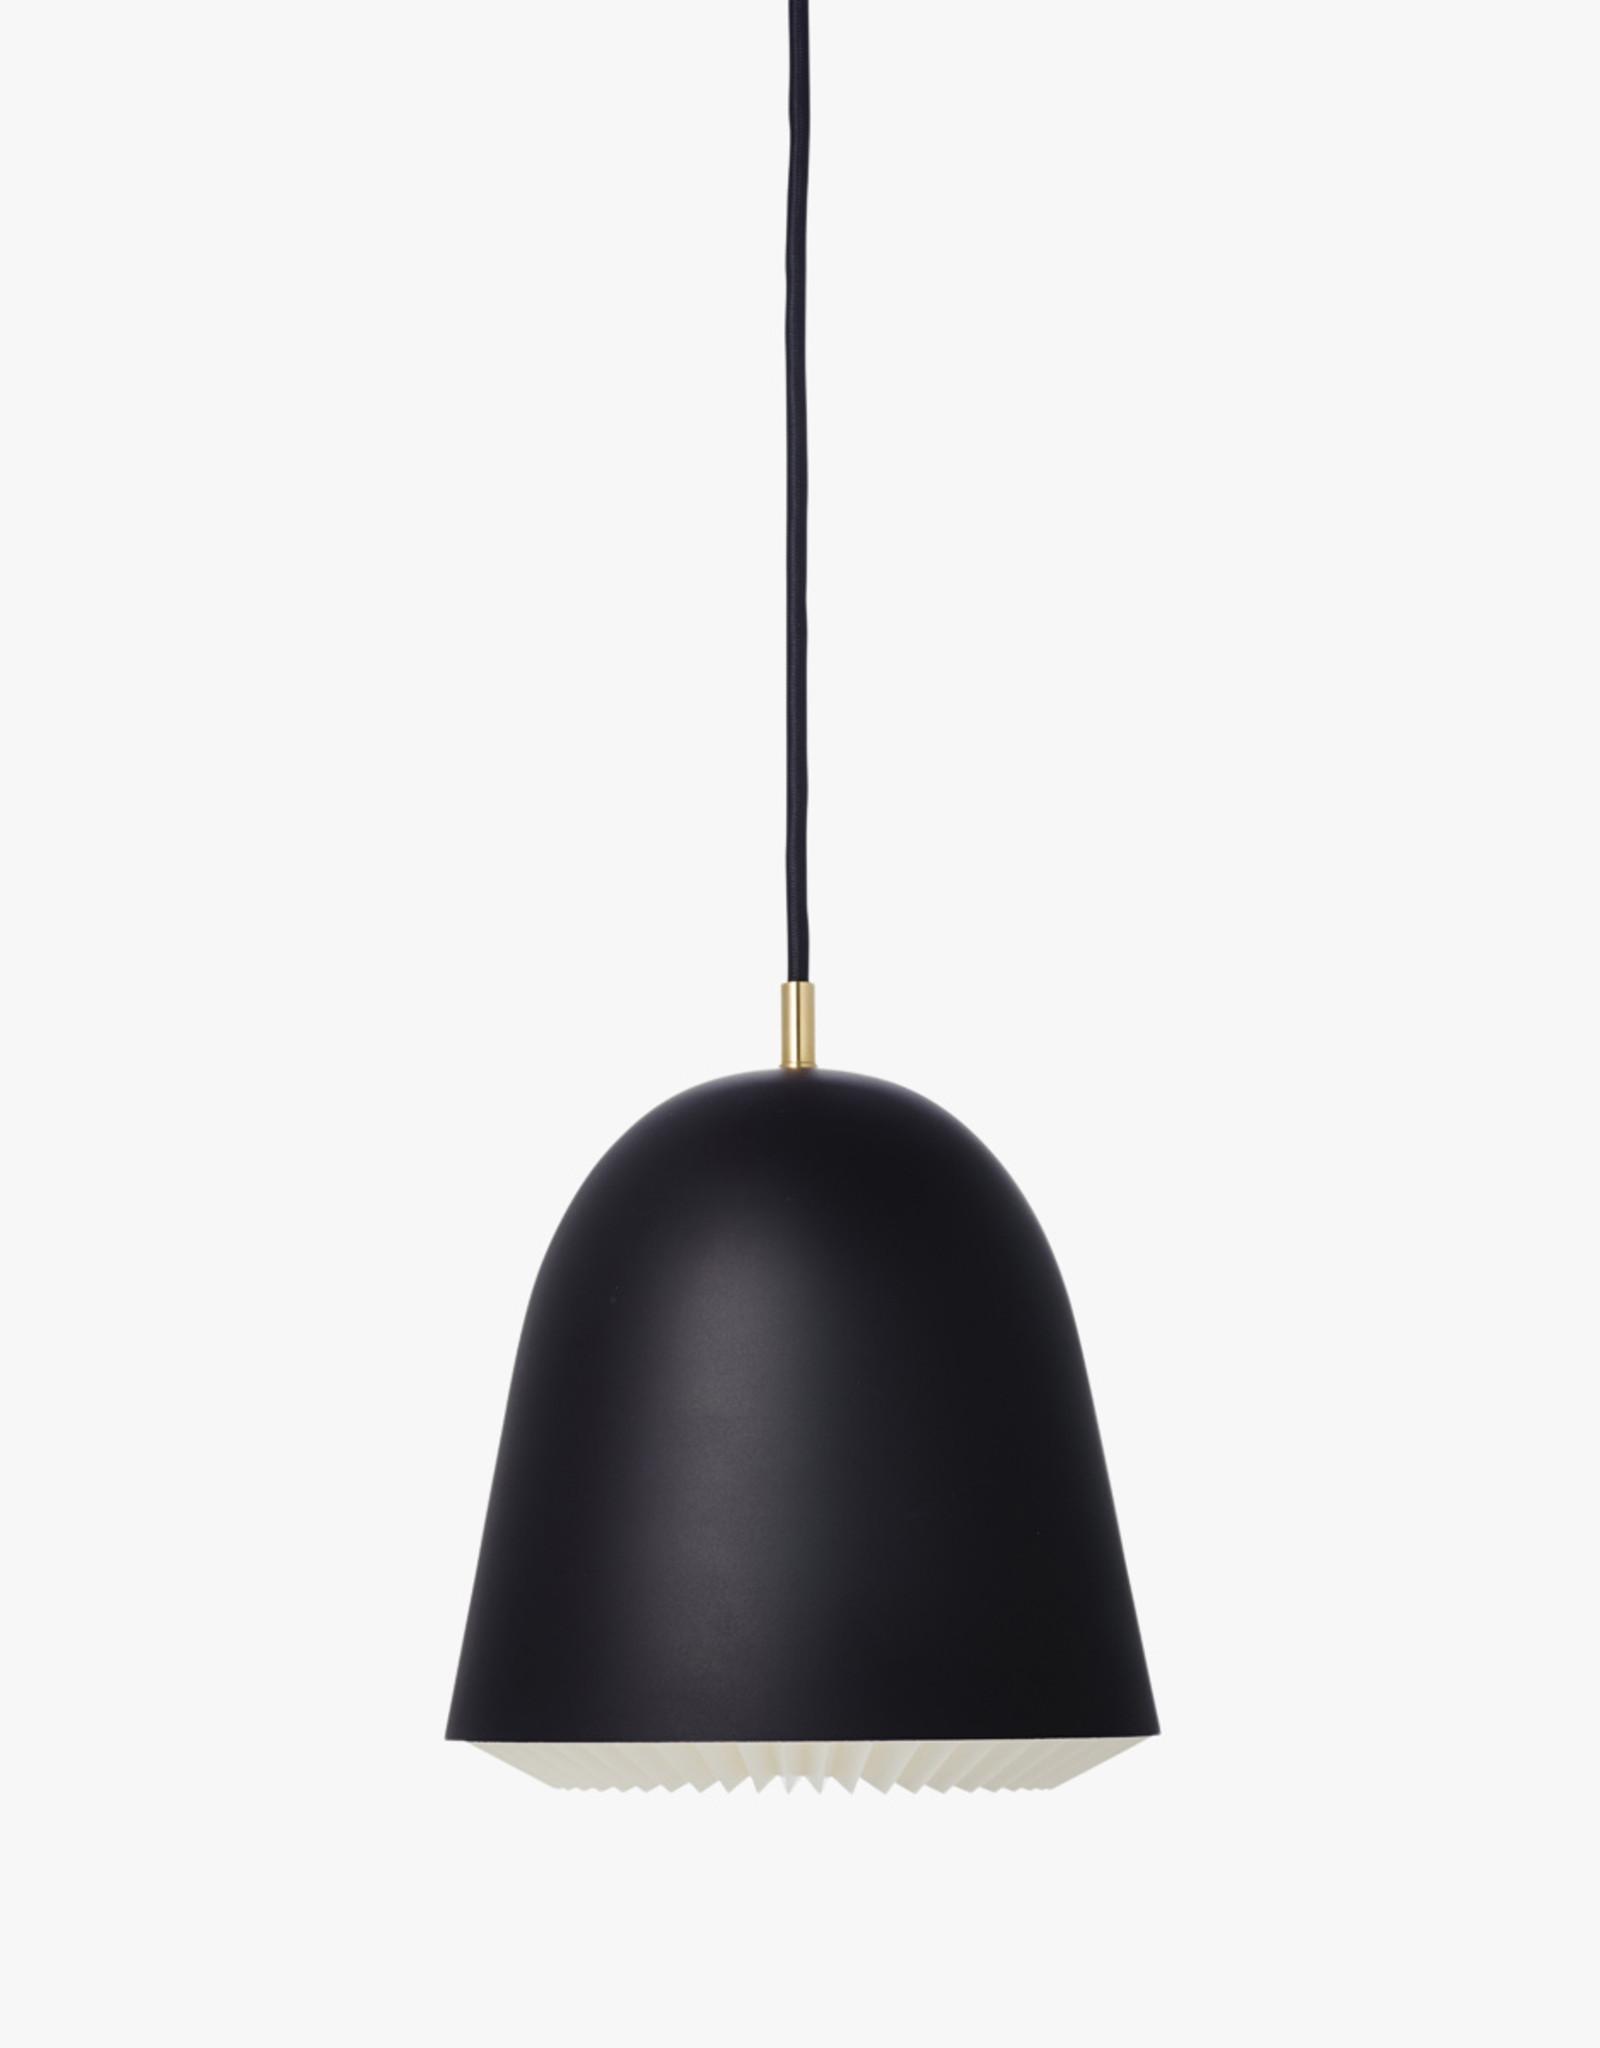 Caché pendant light by Aurelién Barbry | Black | M